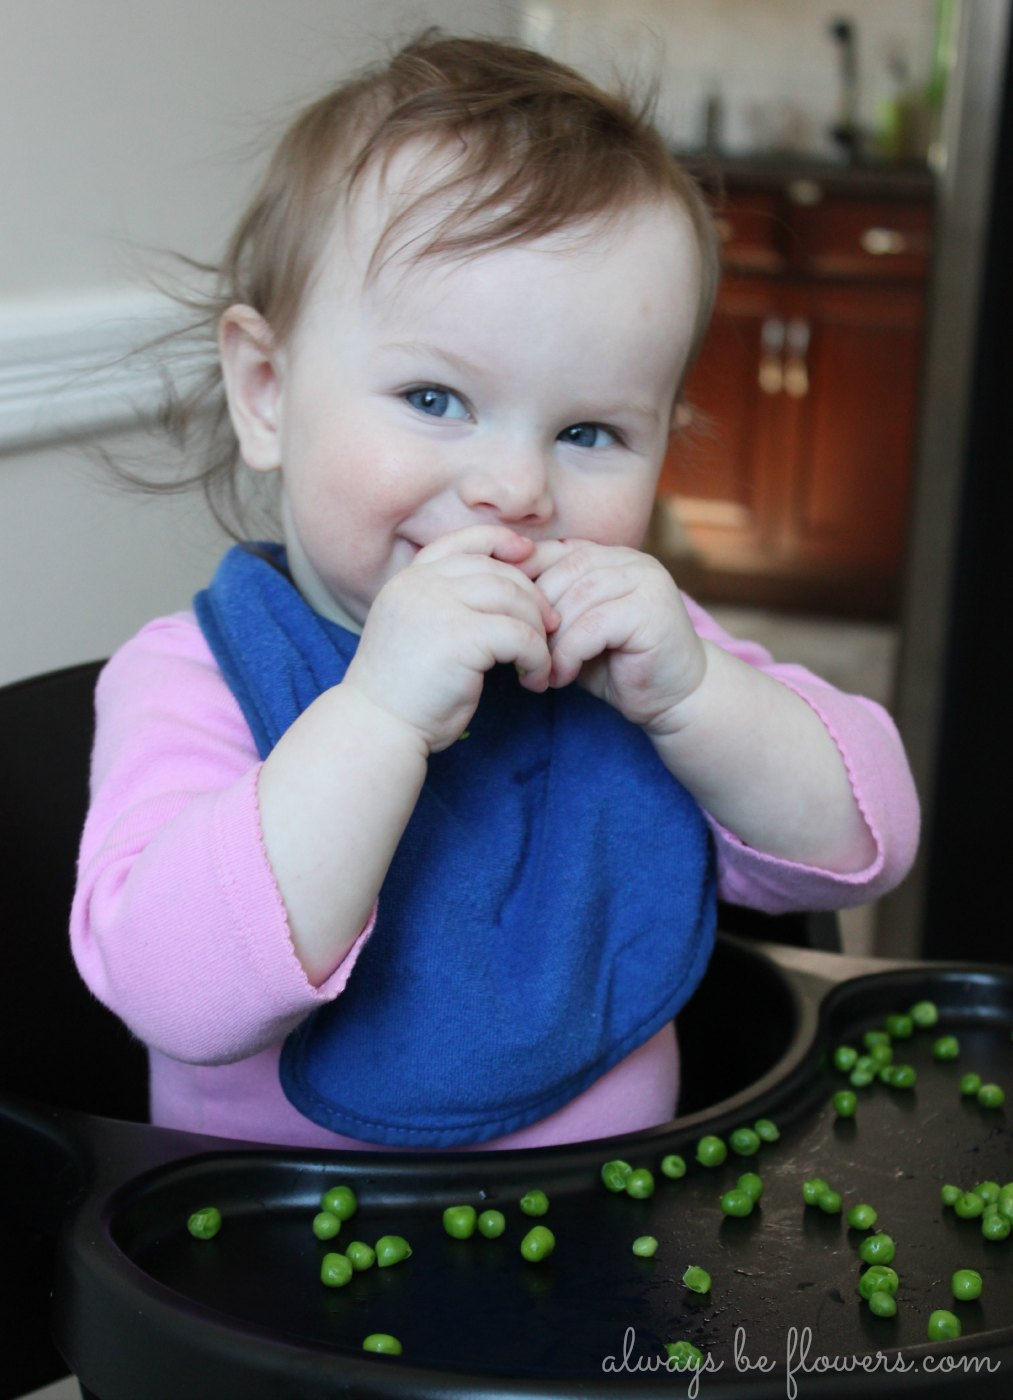 baby-happy-eating-peas.jpg